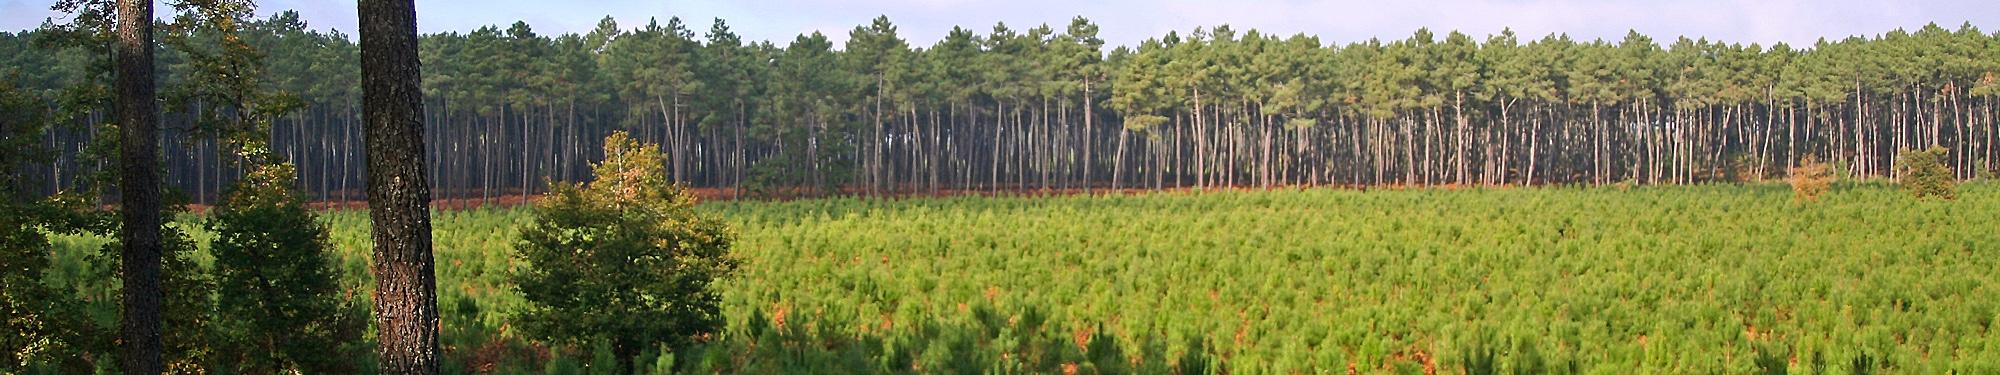 Alliance For u00eats Bois Contrat d'assurance spécifique # Fiscalité Bois Et Forêts